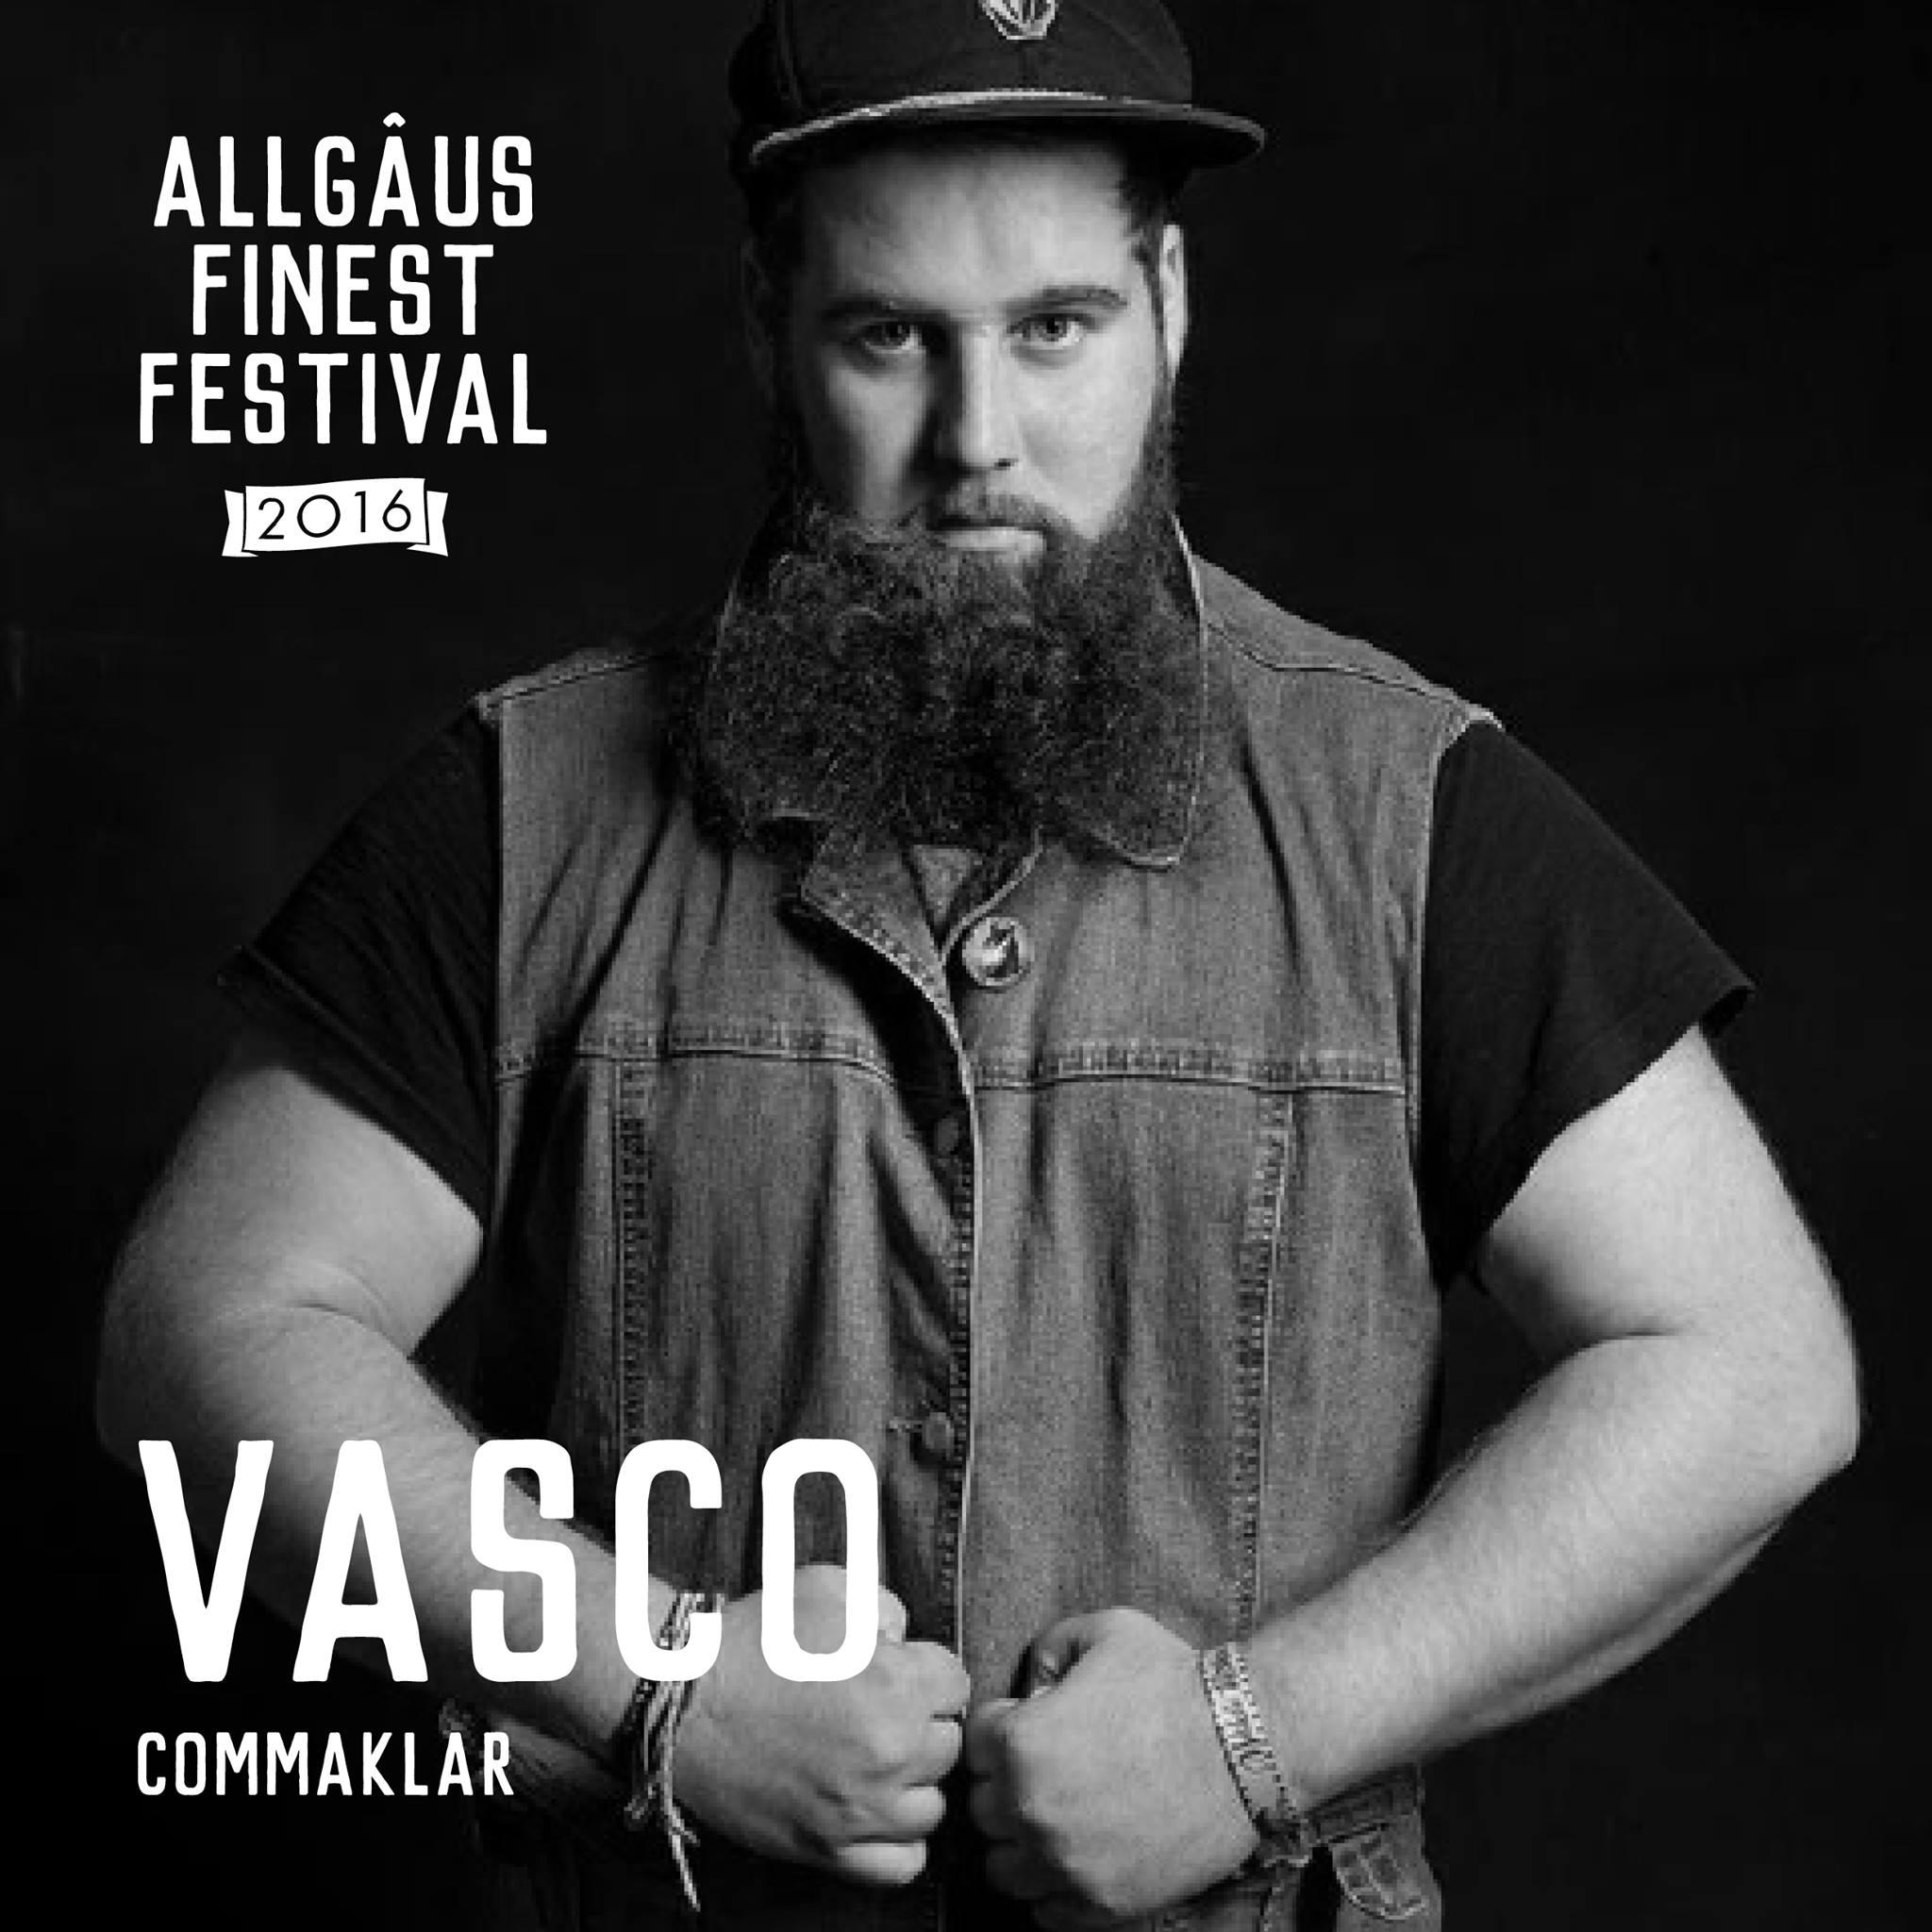 LINE-UP Vasco